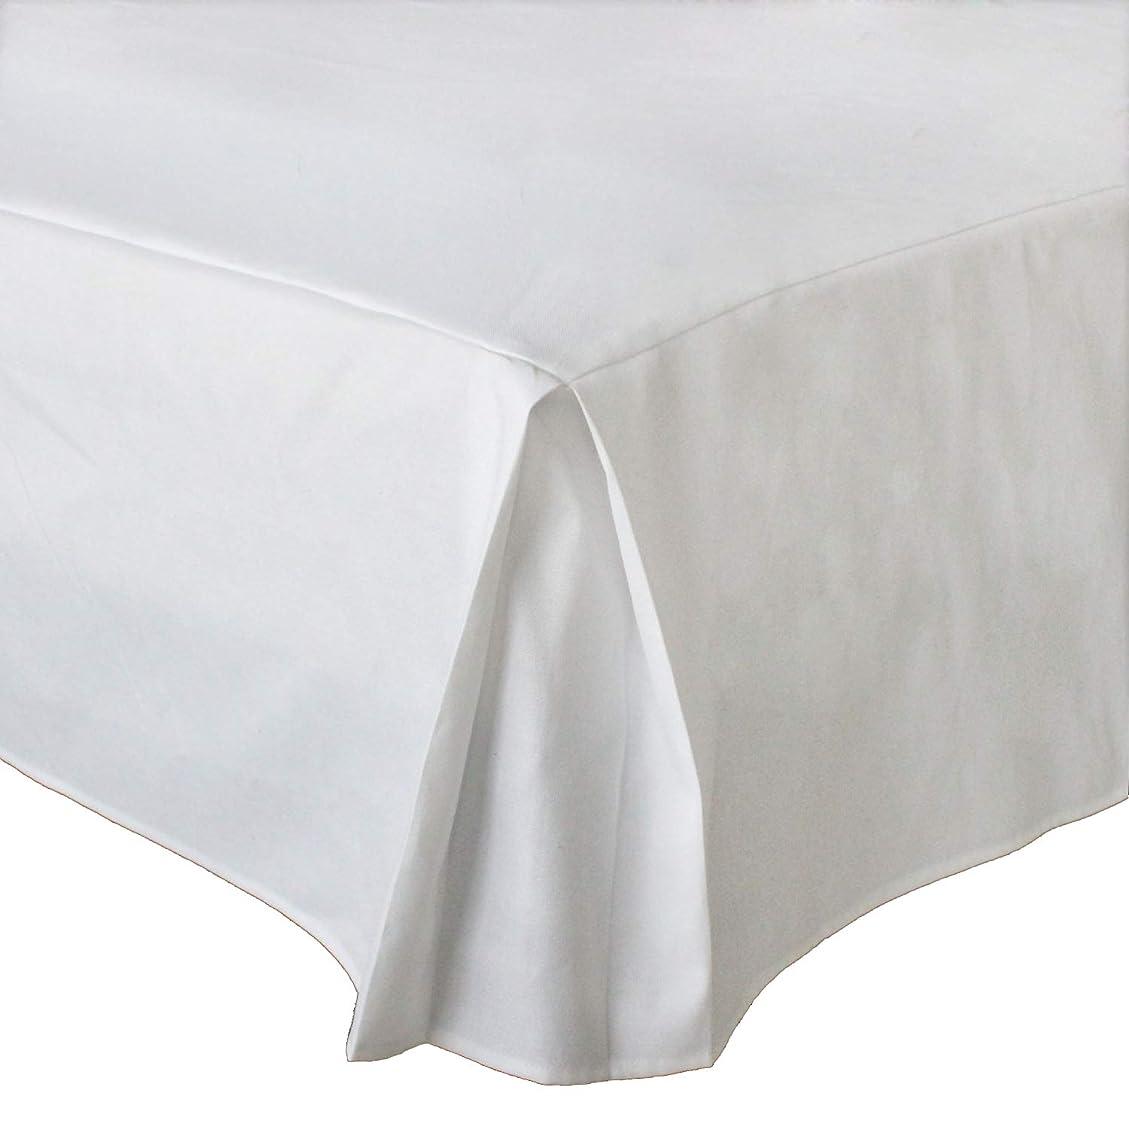 漫画正確に締めるポリエステル綿ベッド スカート,寝具の余分な弾性しわ塵ホテル- 200x220*30cm